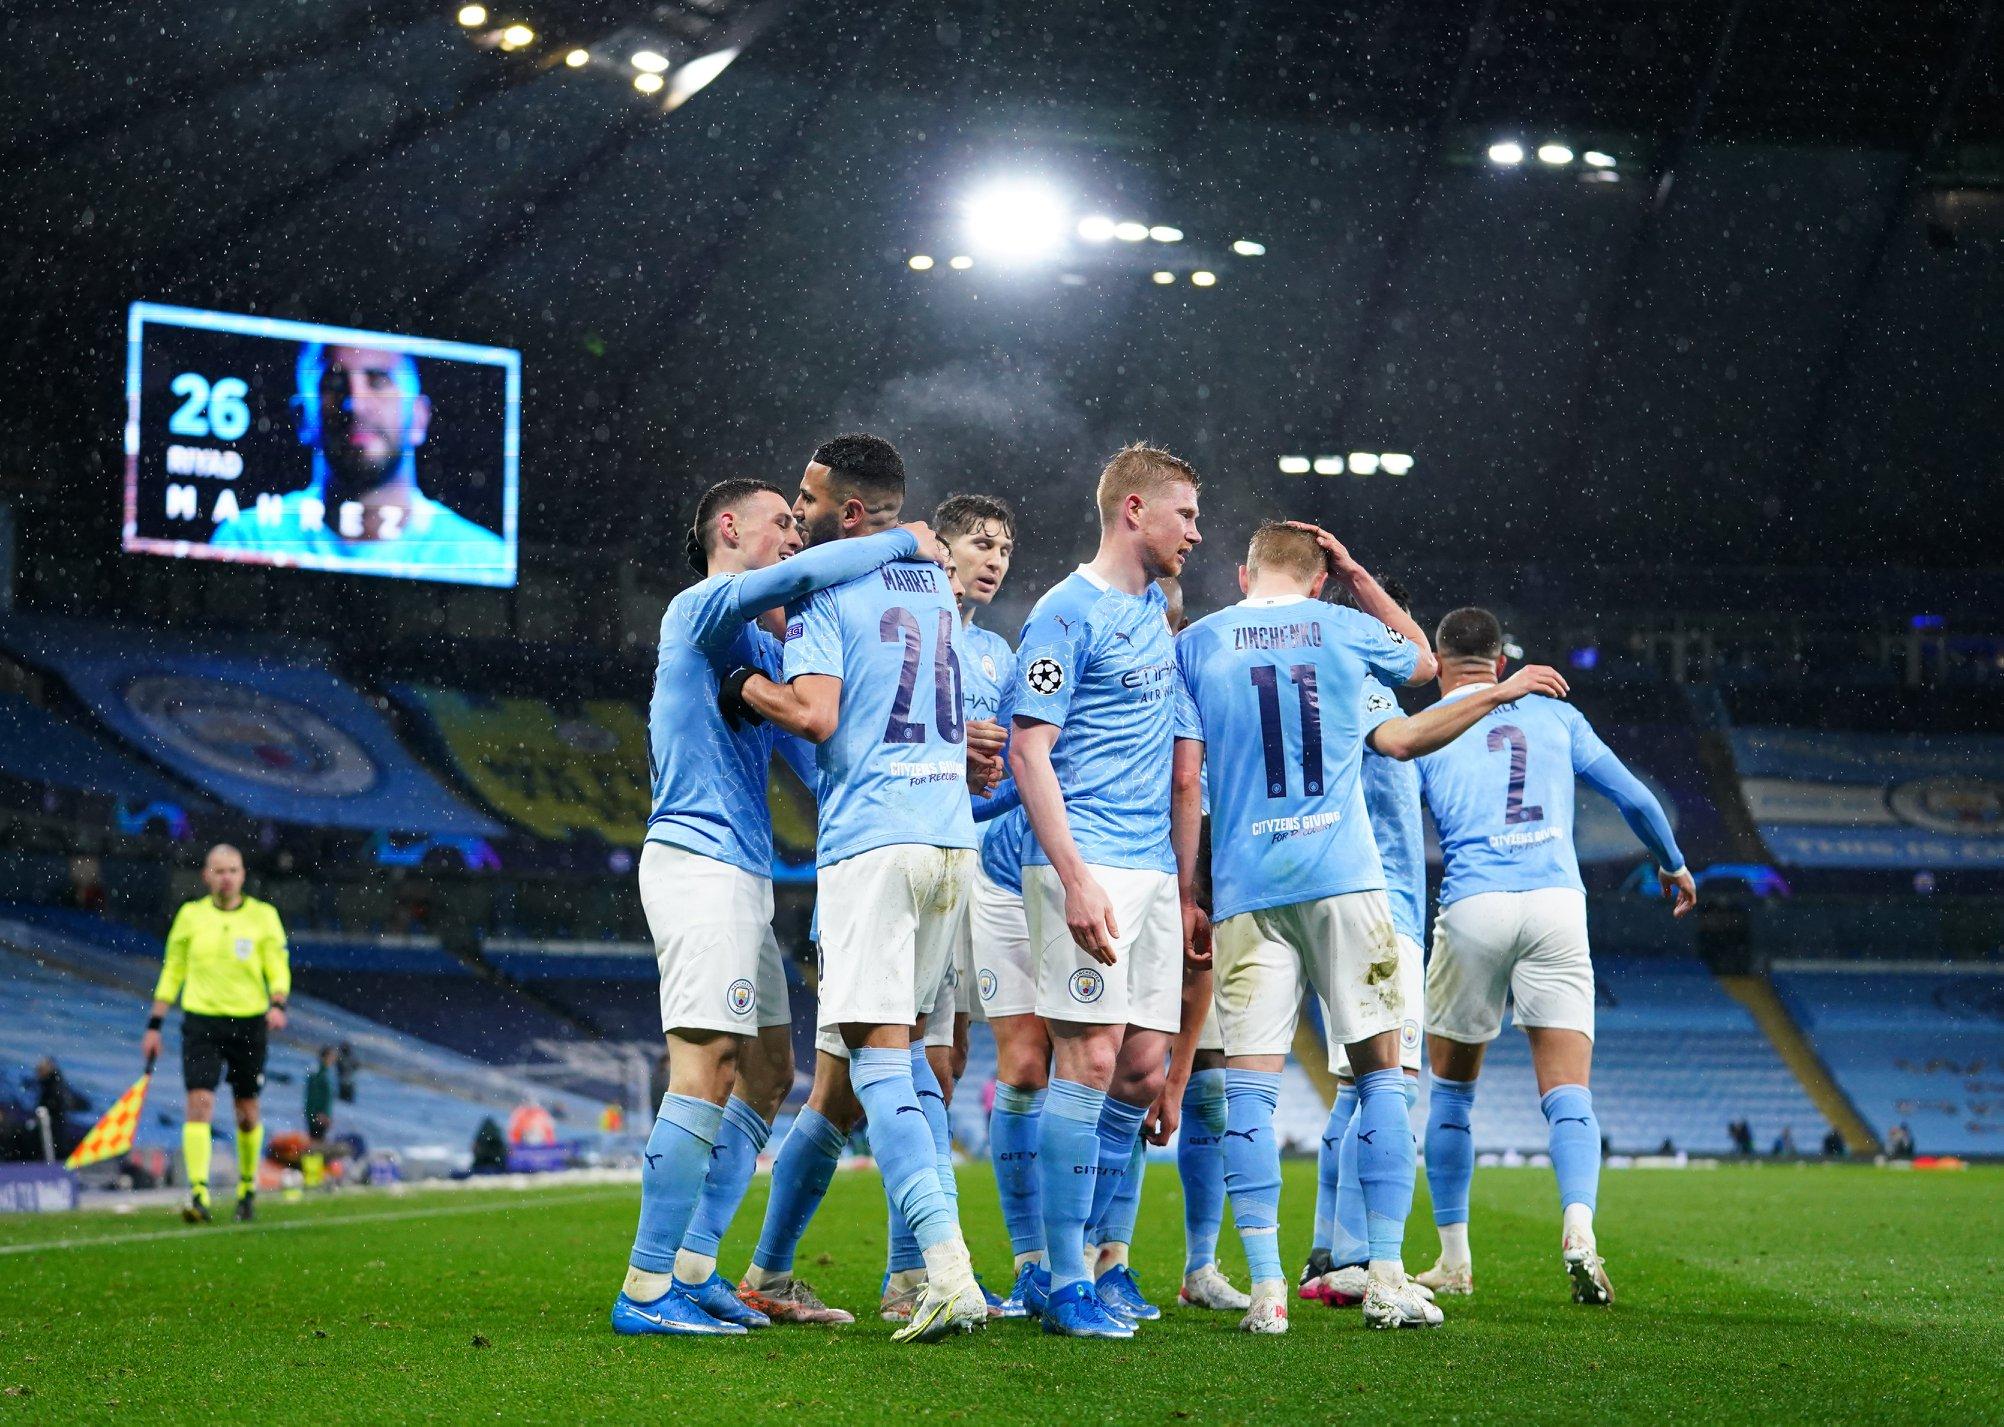 Formacioni i yjeve në Premier League: Dominon City, asnjë nga Chelsea